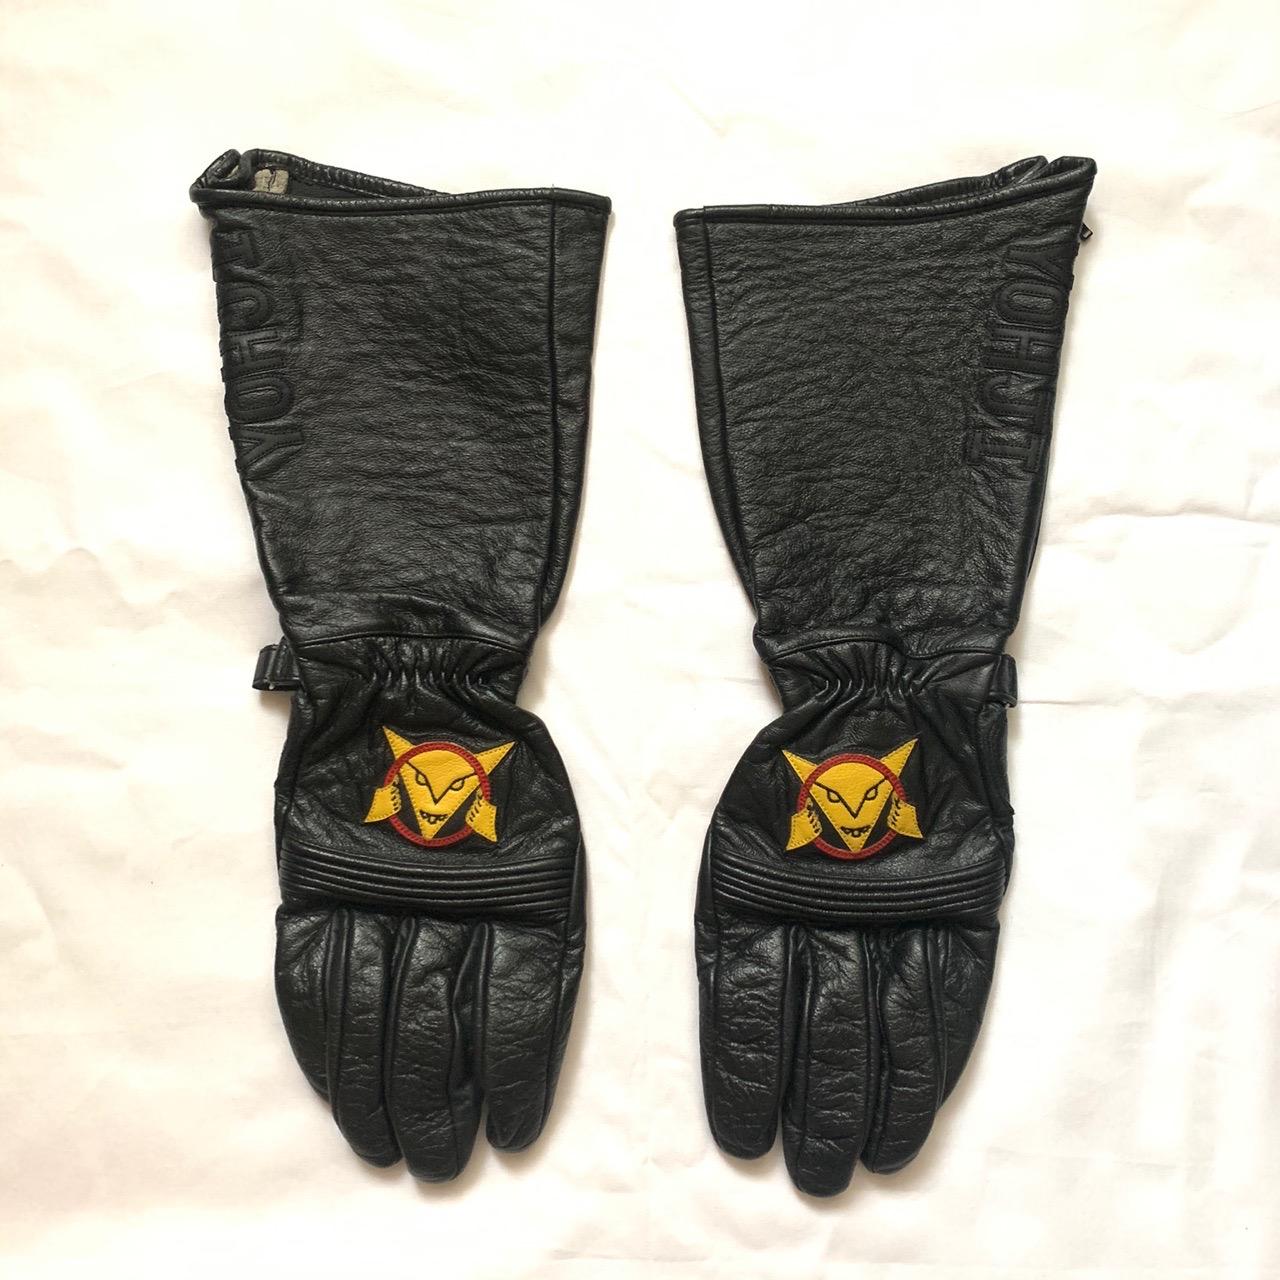 skate shoes famous brand differently Yohji Yamamoto Yohji Yamamoto X Dainese Leather Biker Gloves 2004 ...